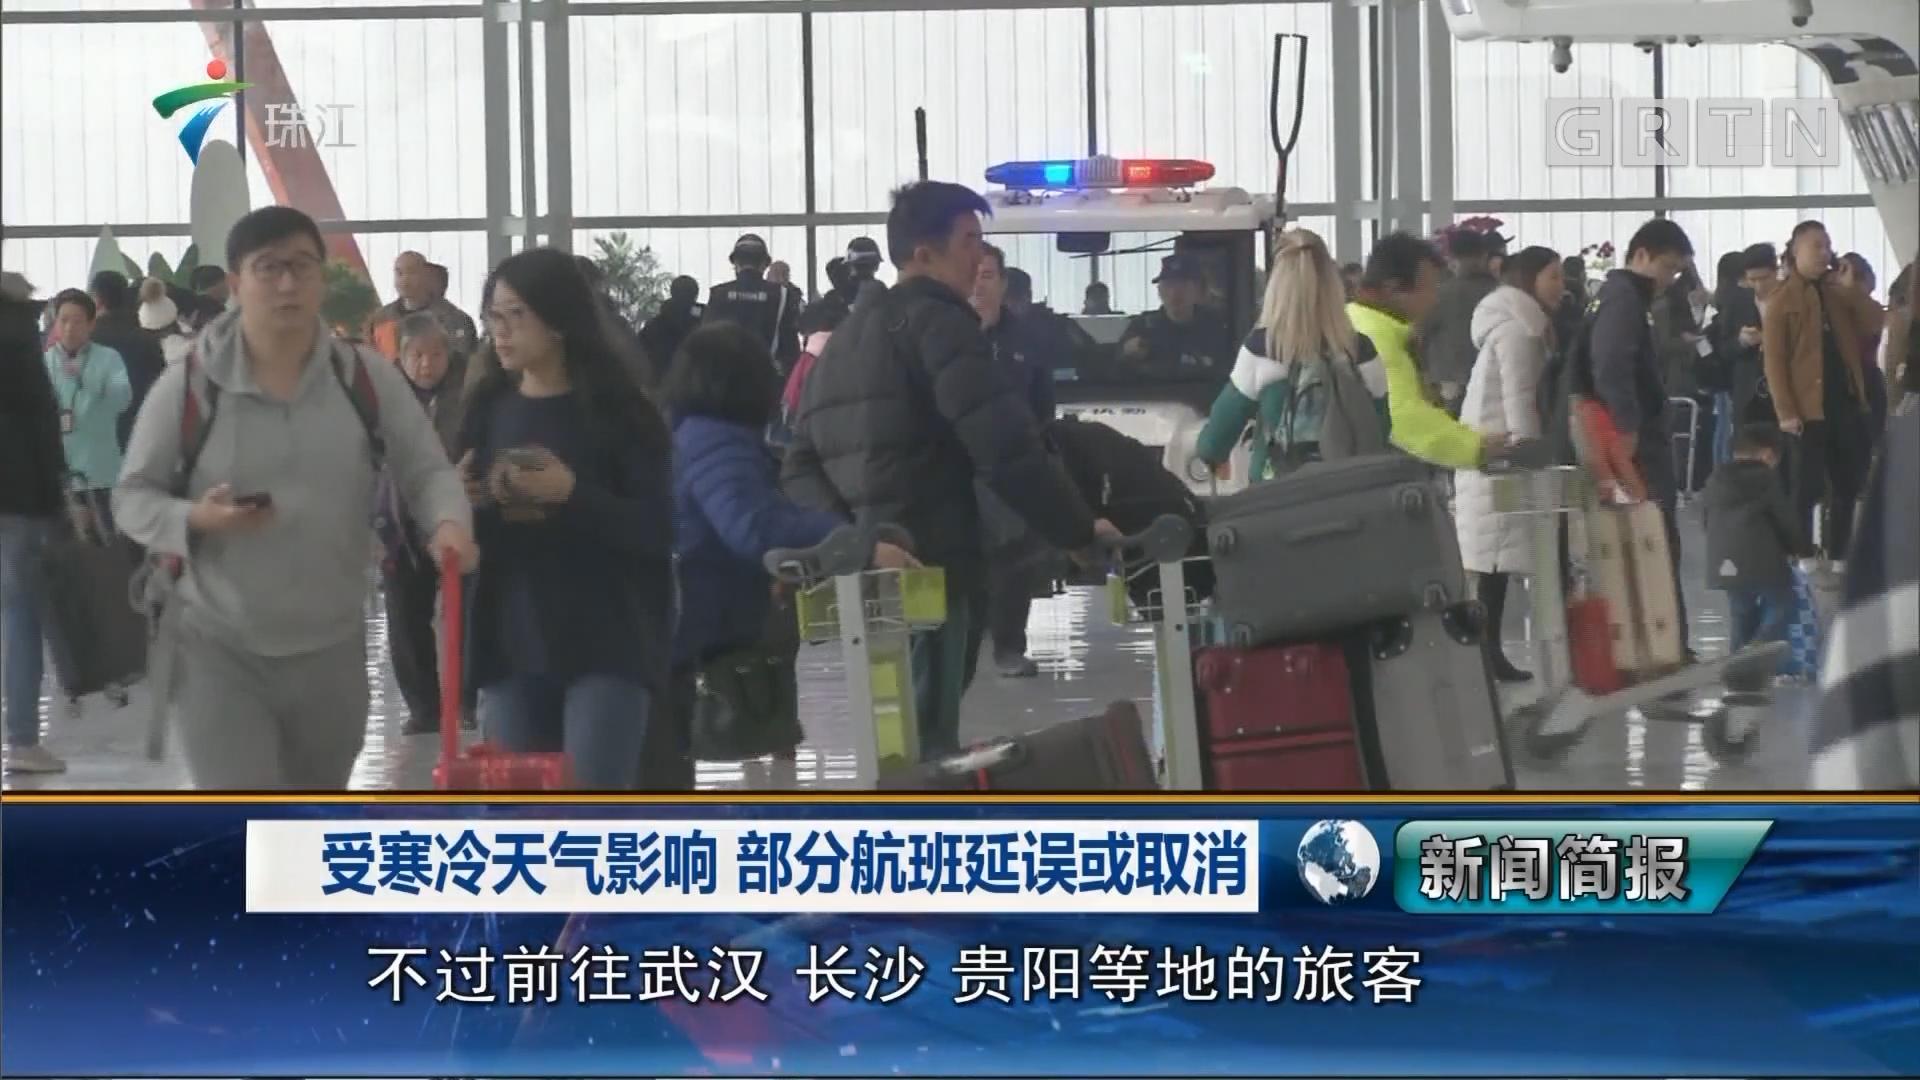 受寒冷天气影响 部分航班延误或取消